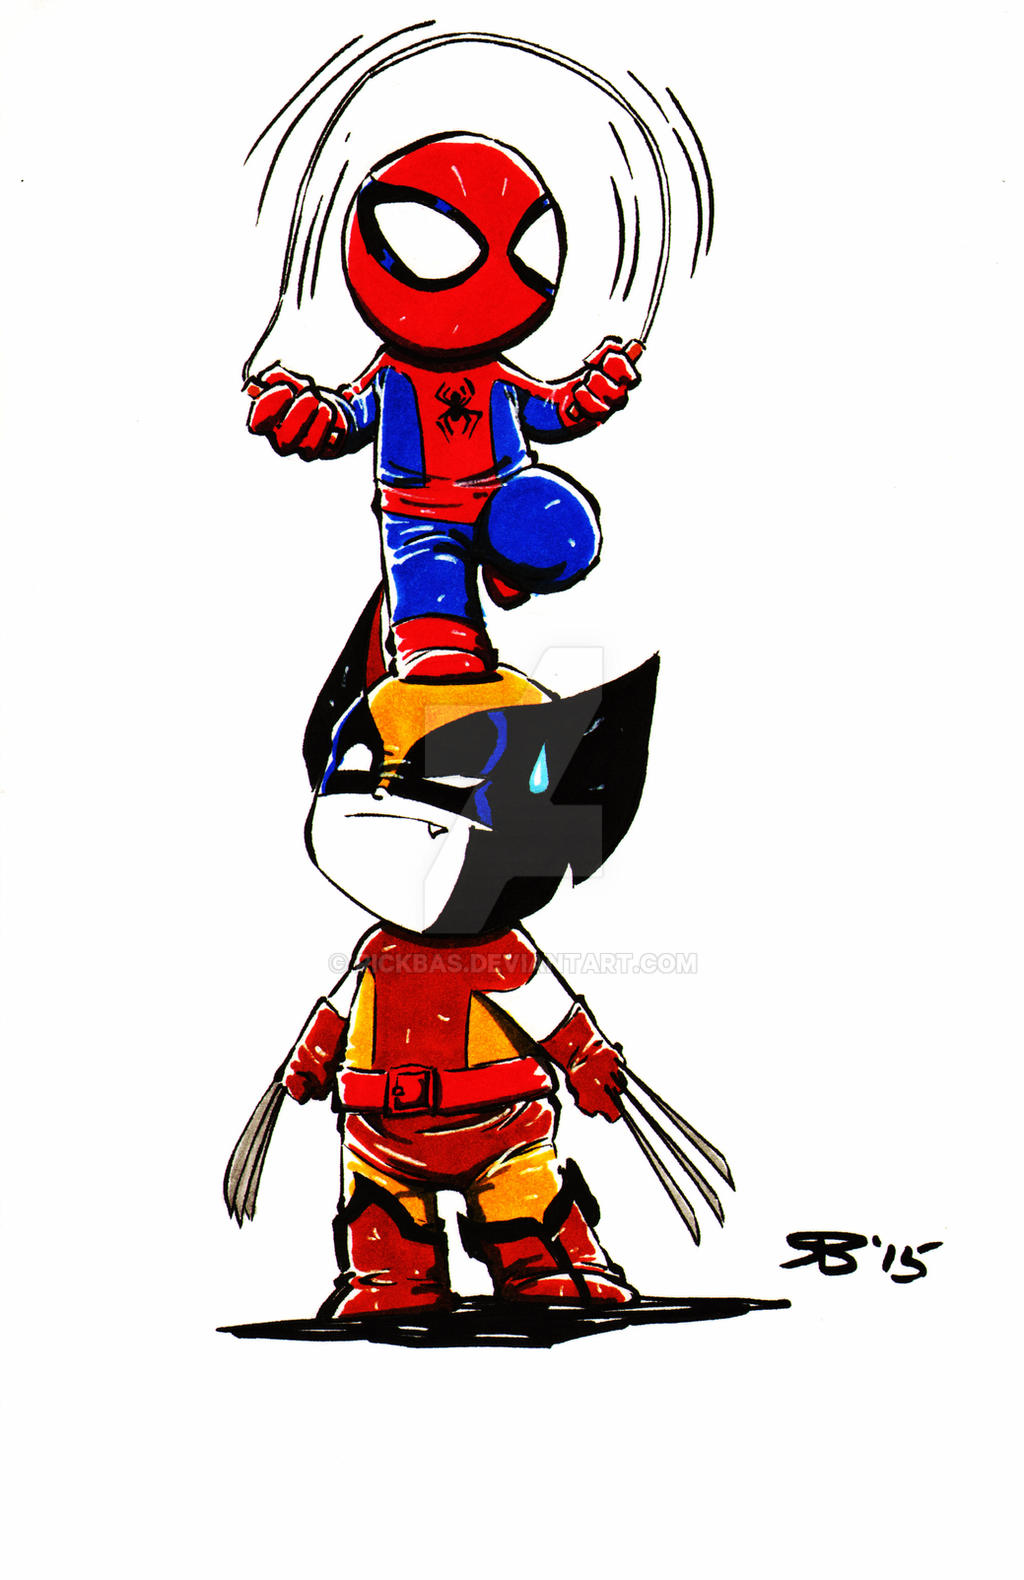 Chibi Spiderman Wolverine by RickBas on DeviantArt